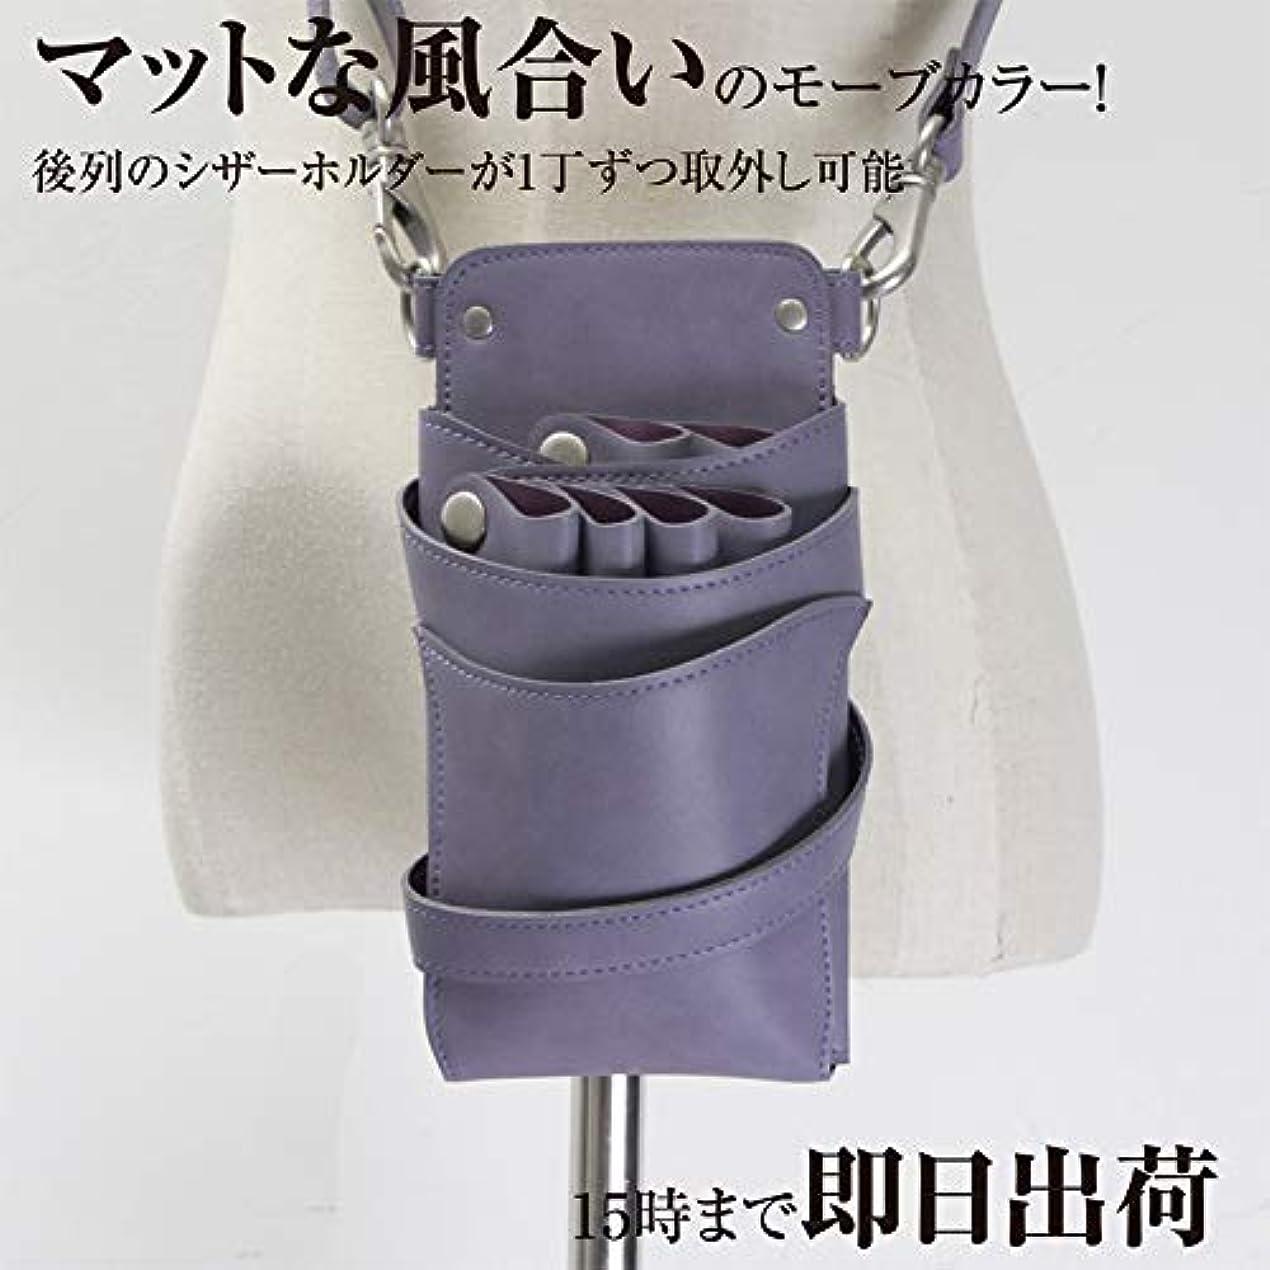 スラッシュとげのある注ぎますDEEDS 日本のシザーケース専門メーカー シエーナ no.264 モーブブルー 4?6丁入れ